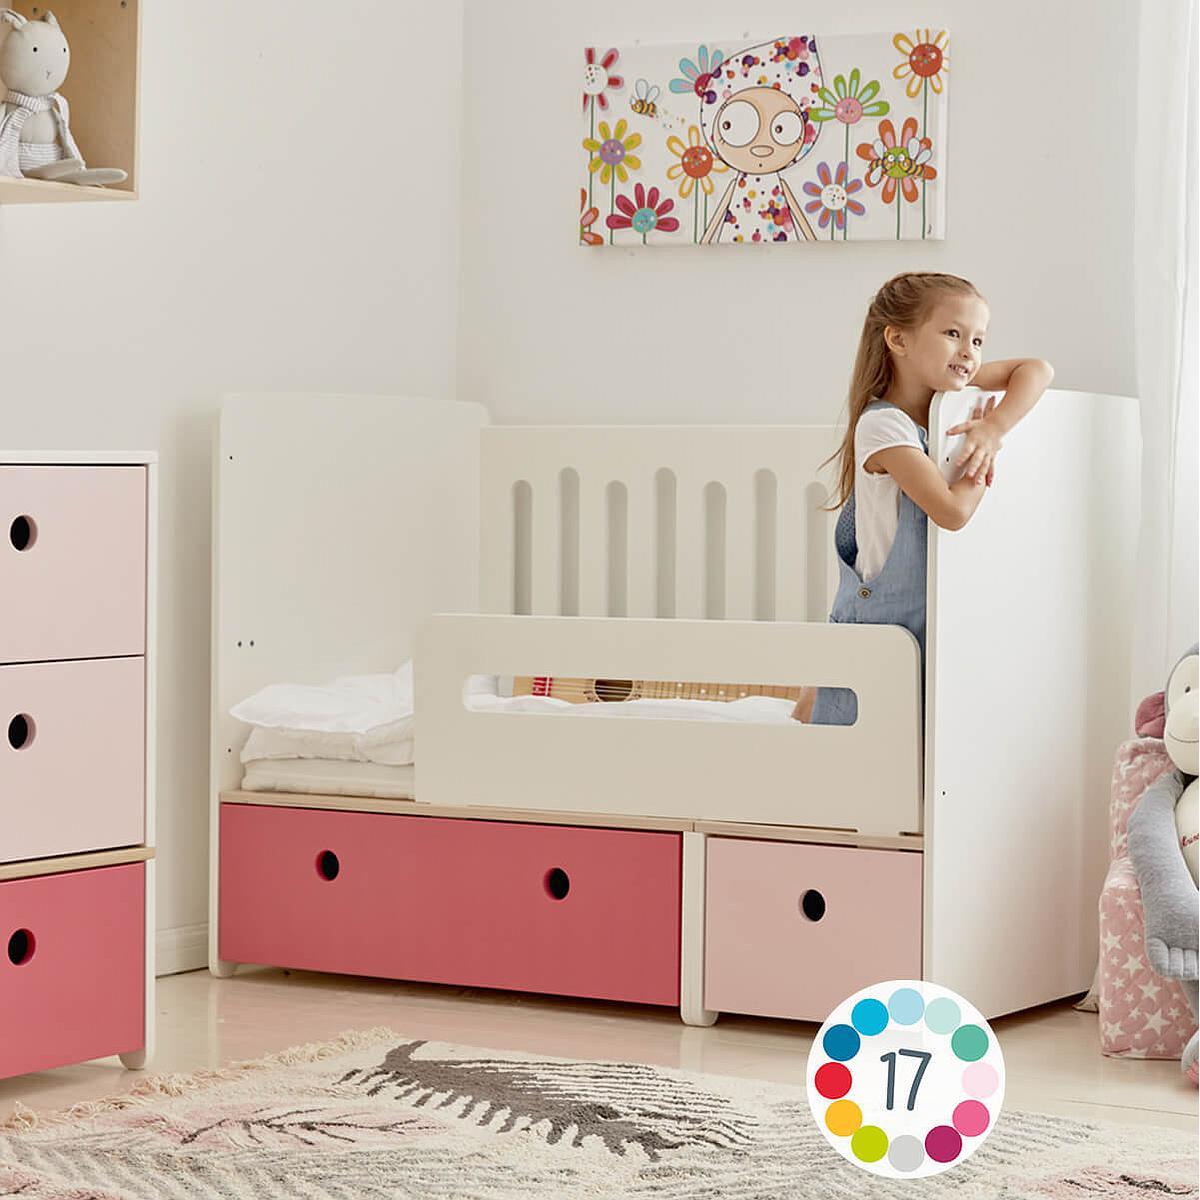 Cuna cama 70x140cm COLORFLEX Abitare Kids pink-space grey